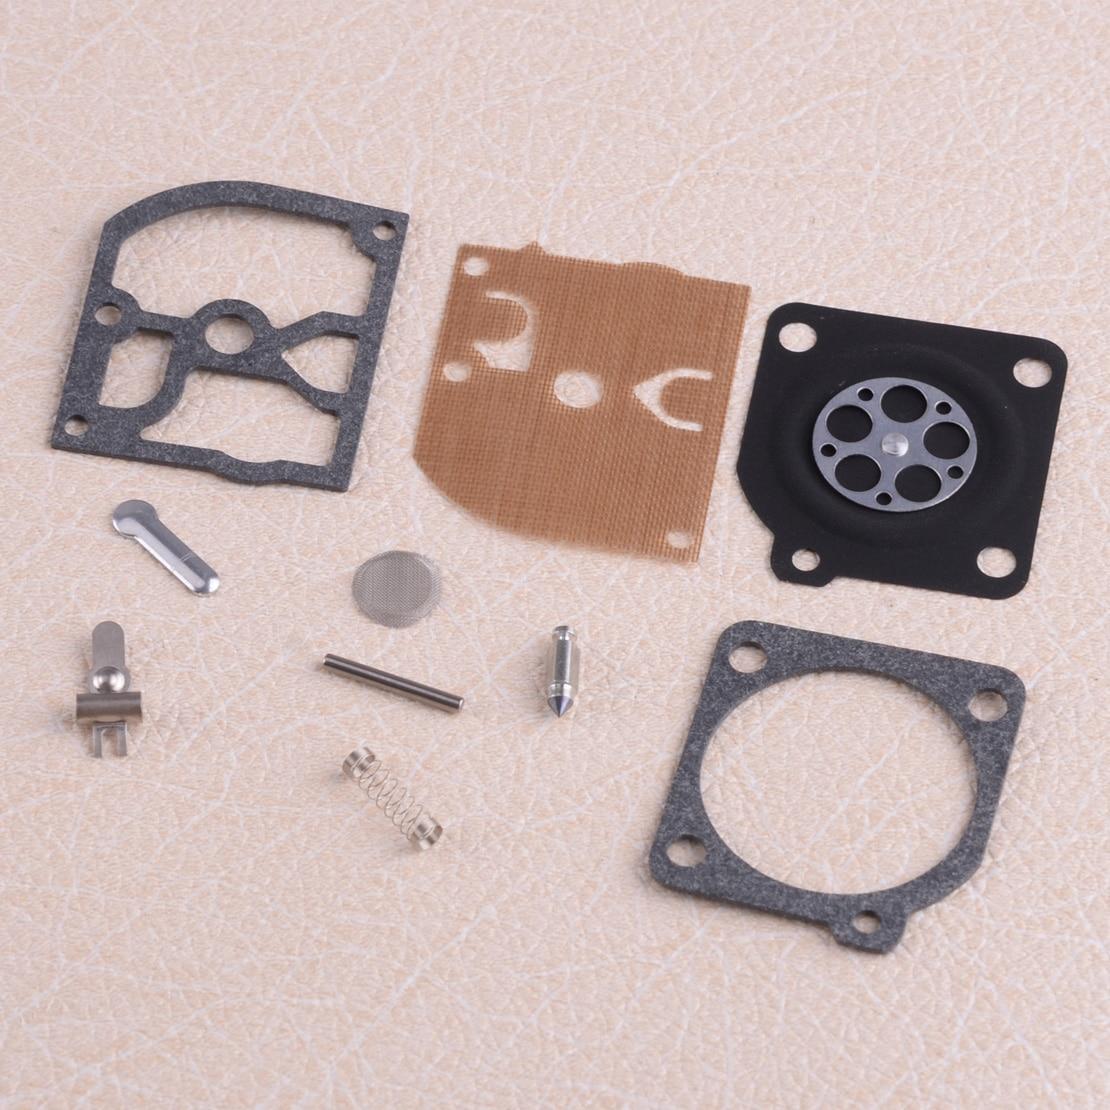 LETAOSK 1Pc RB-119 Carb Carburetor Kit Fit For Dolmar PS 460 500 510 4600 5000 5100 5105 C1Q-DM13 C1Q-DM13A C1Q-DM14